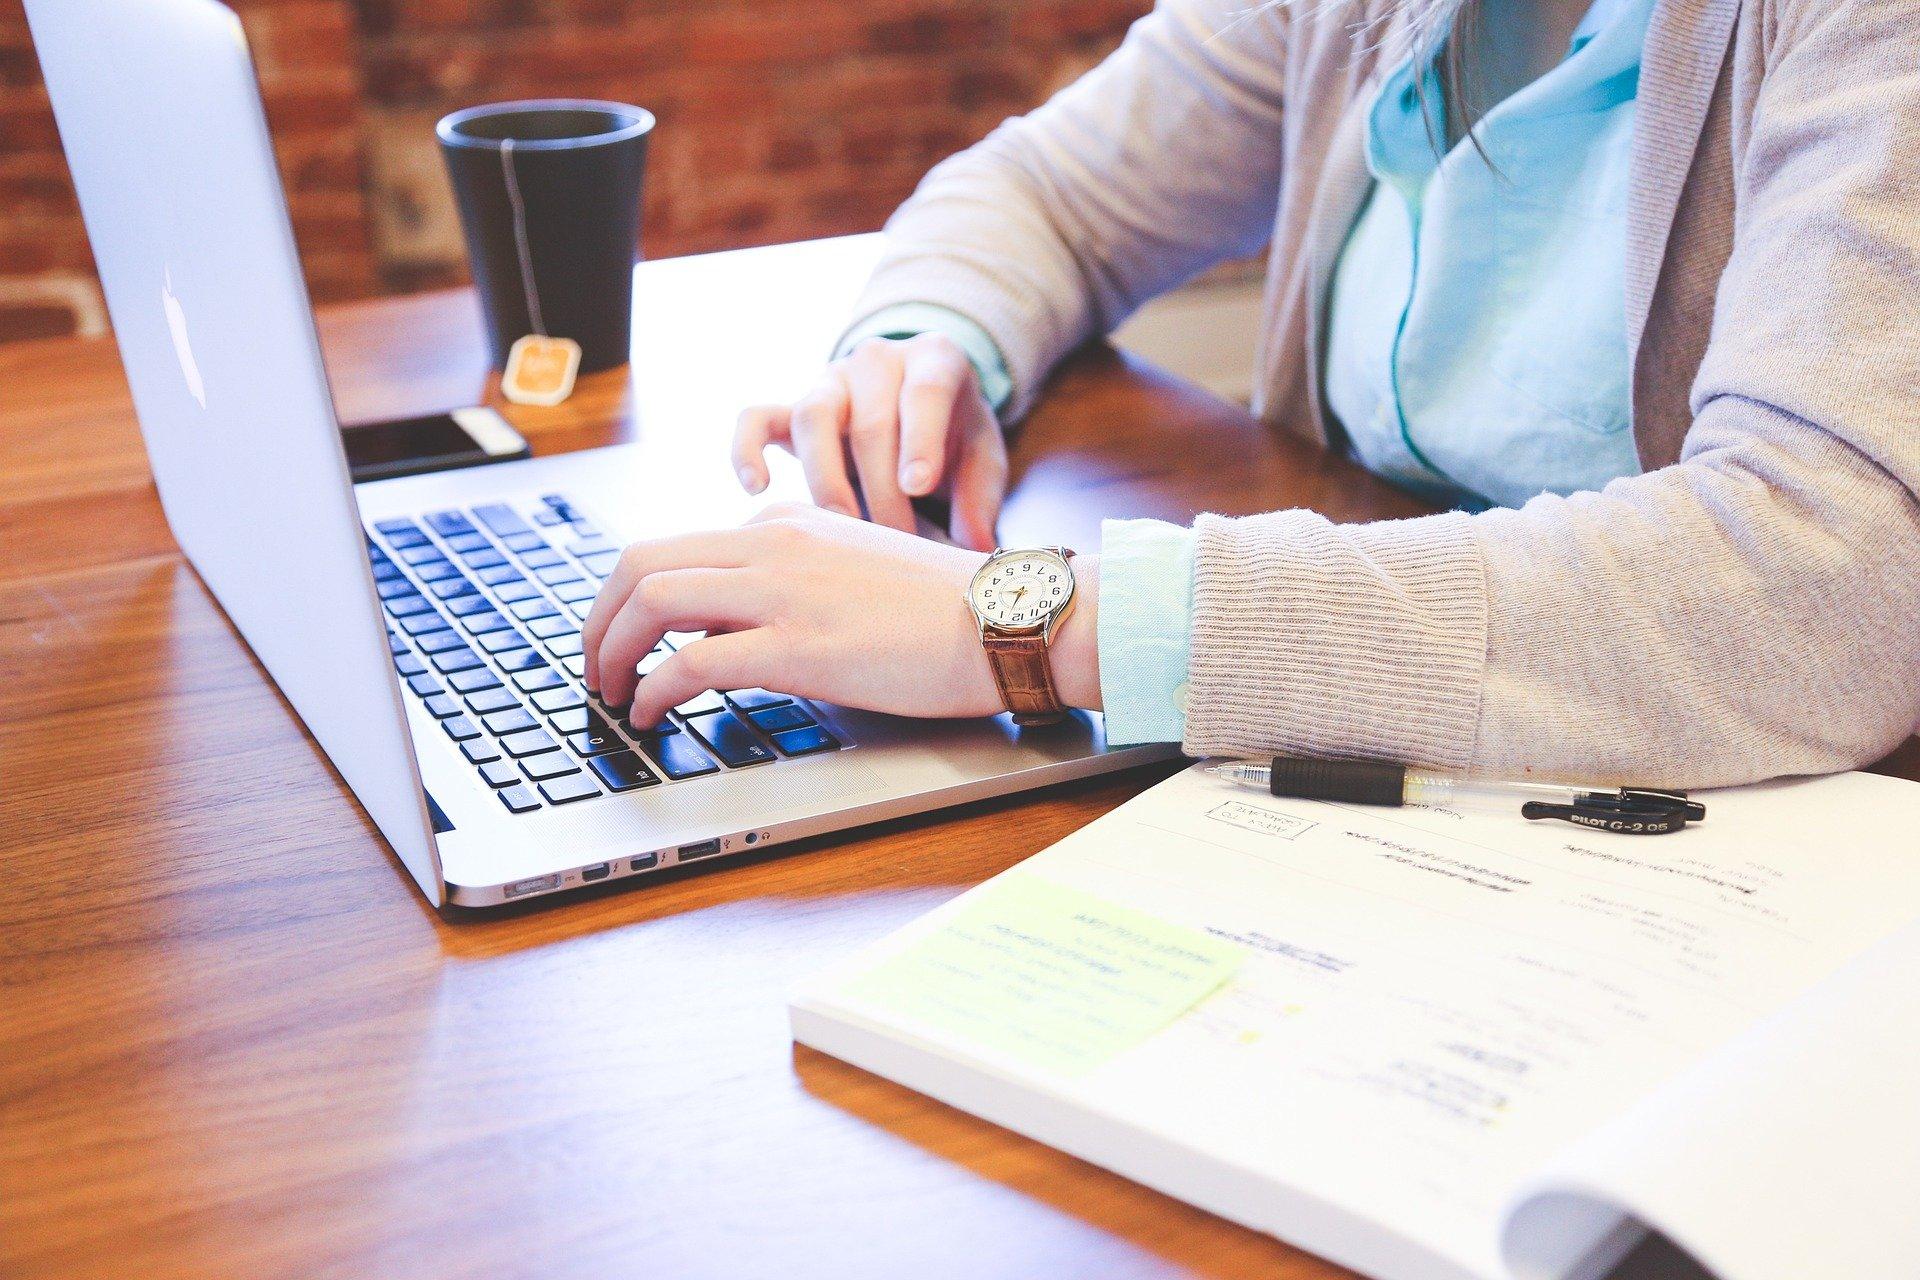 Migliorare il web design del proprio sito